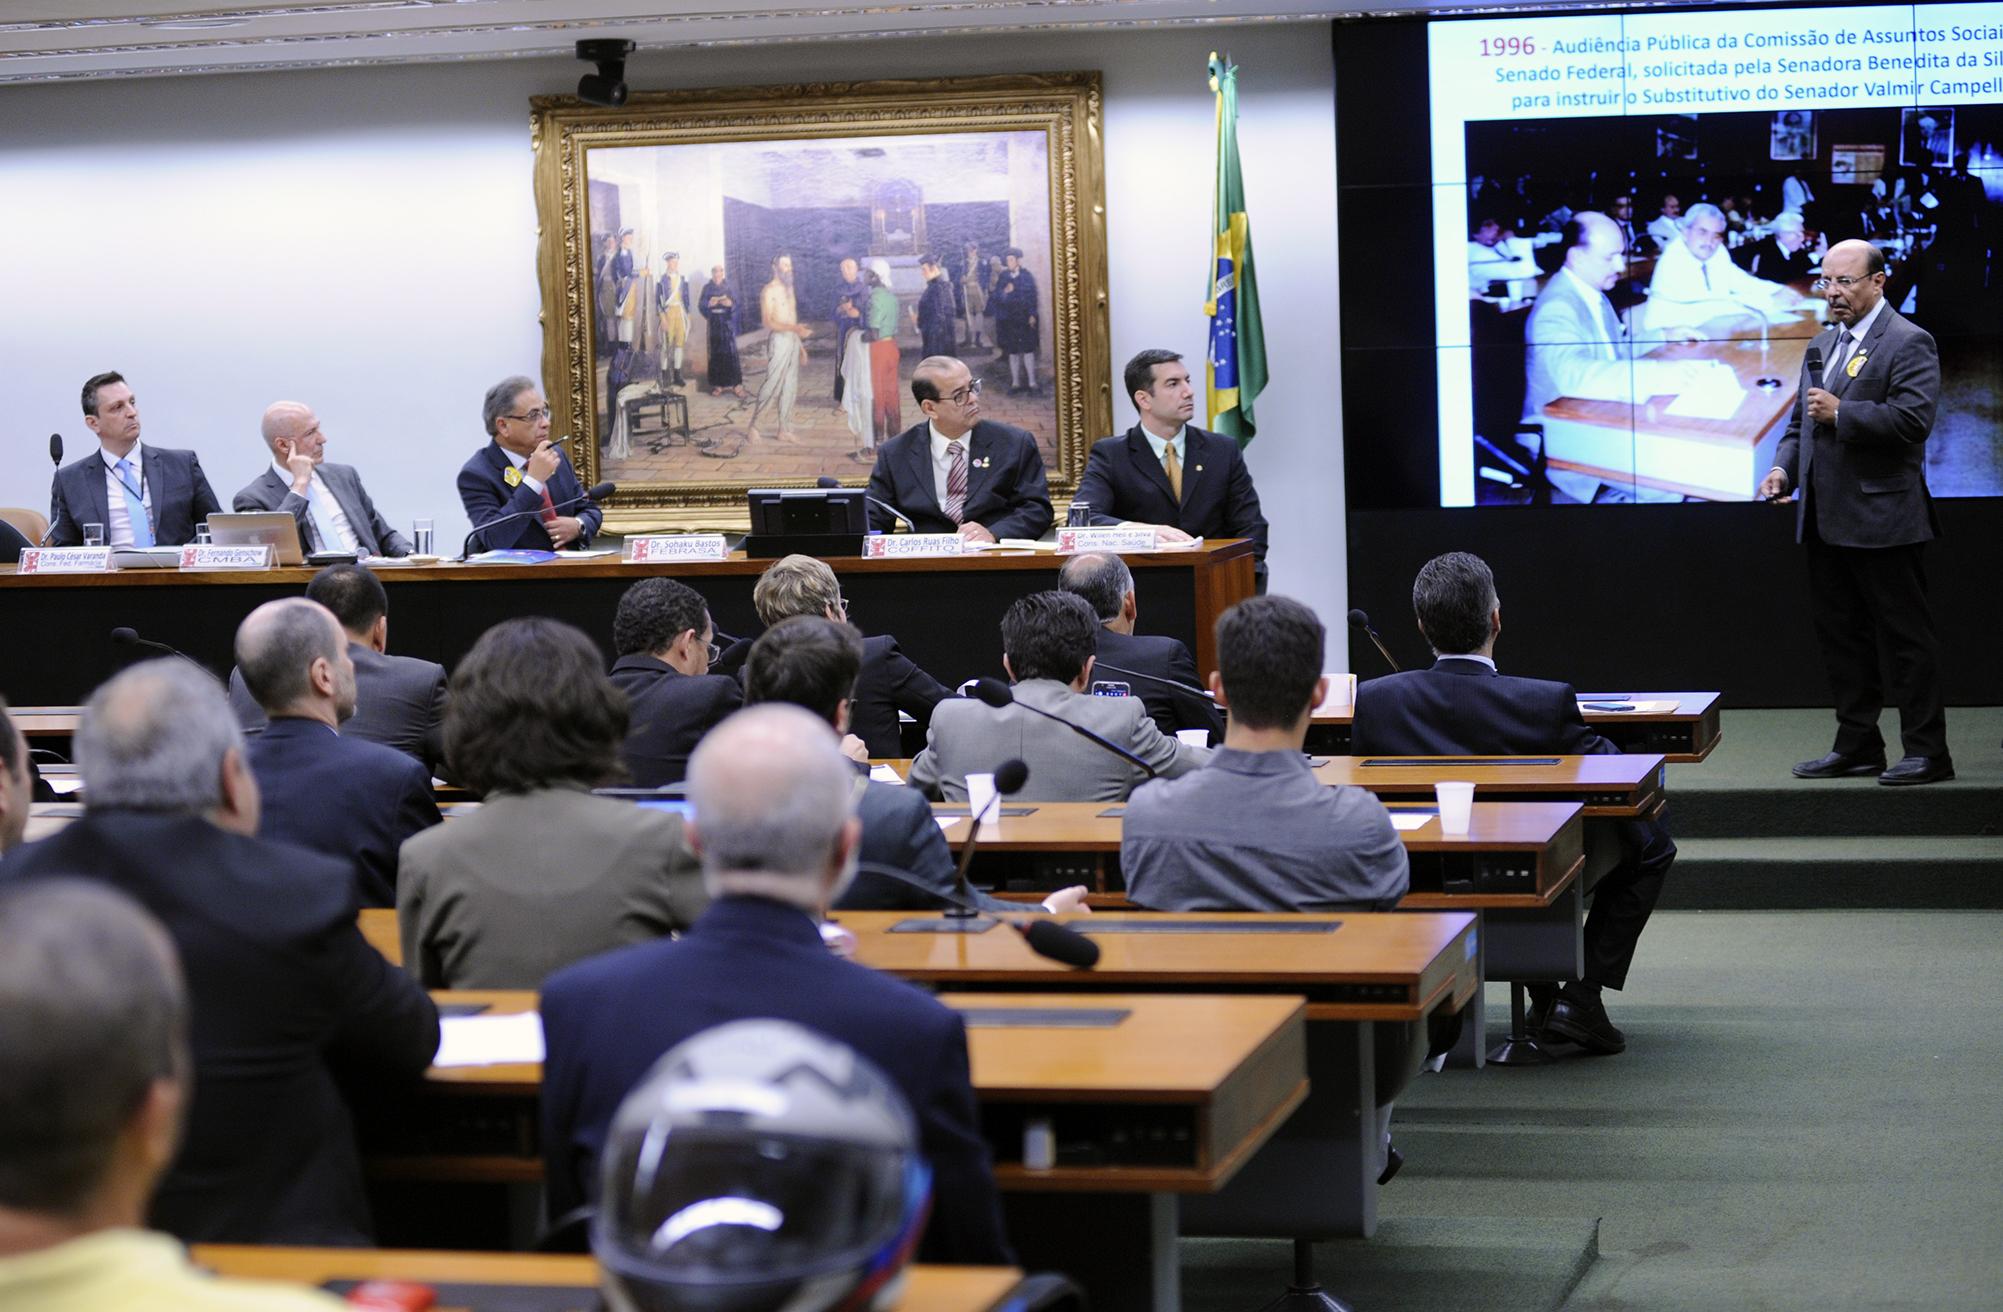 Audiência pública sobre o PL 1549/03, que disciplina o exercício profissional da Acupuntura e determina outras providências